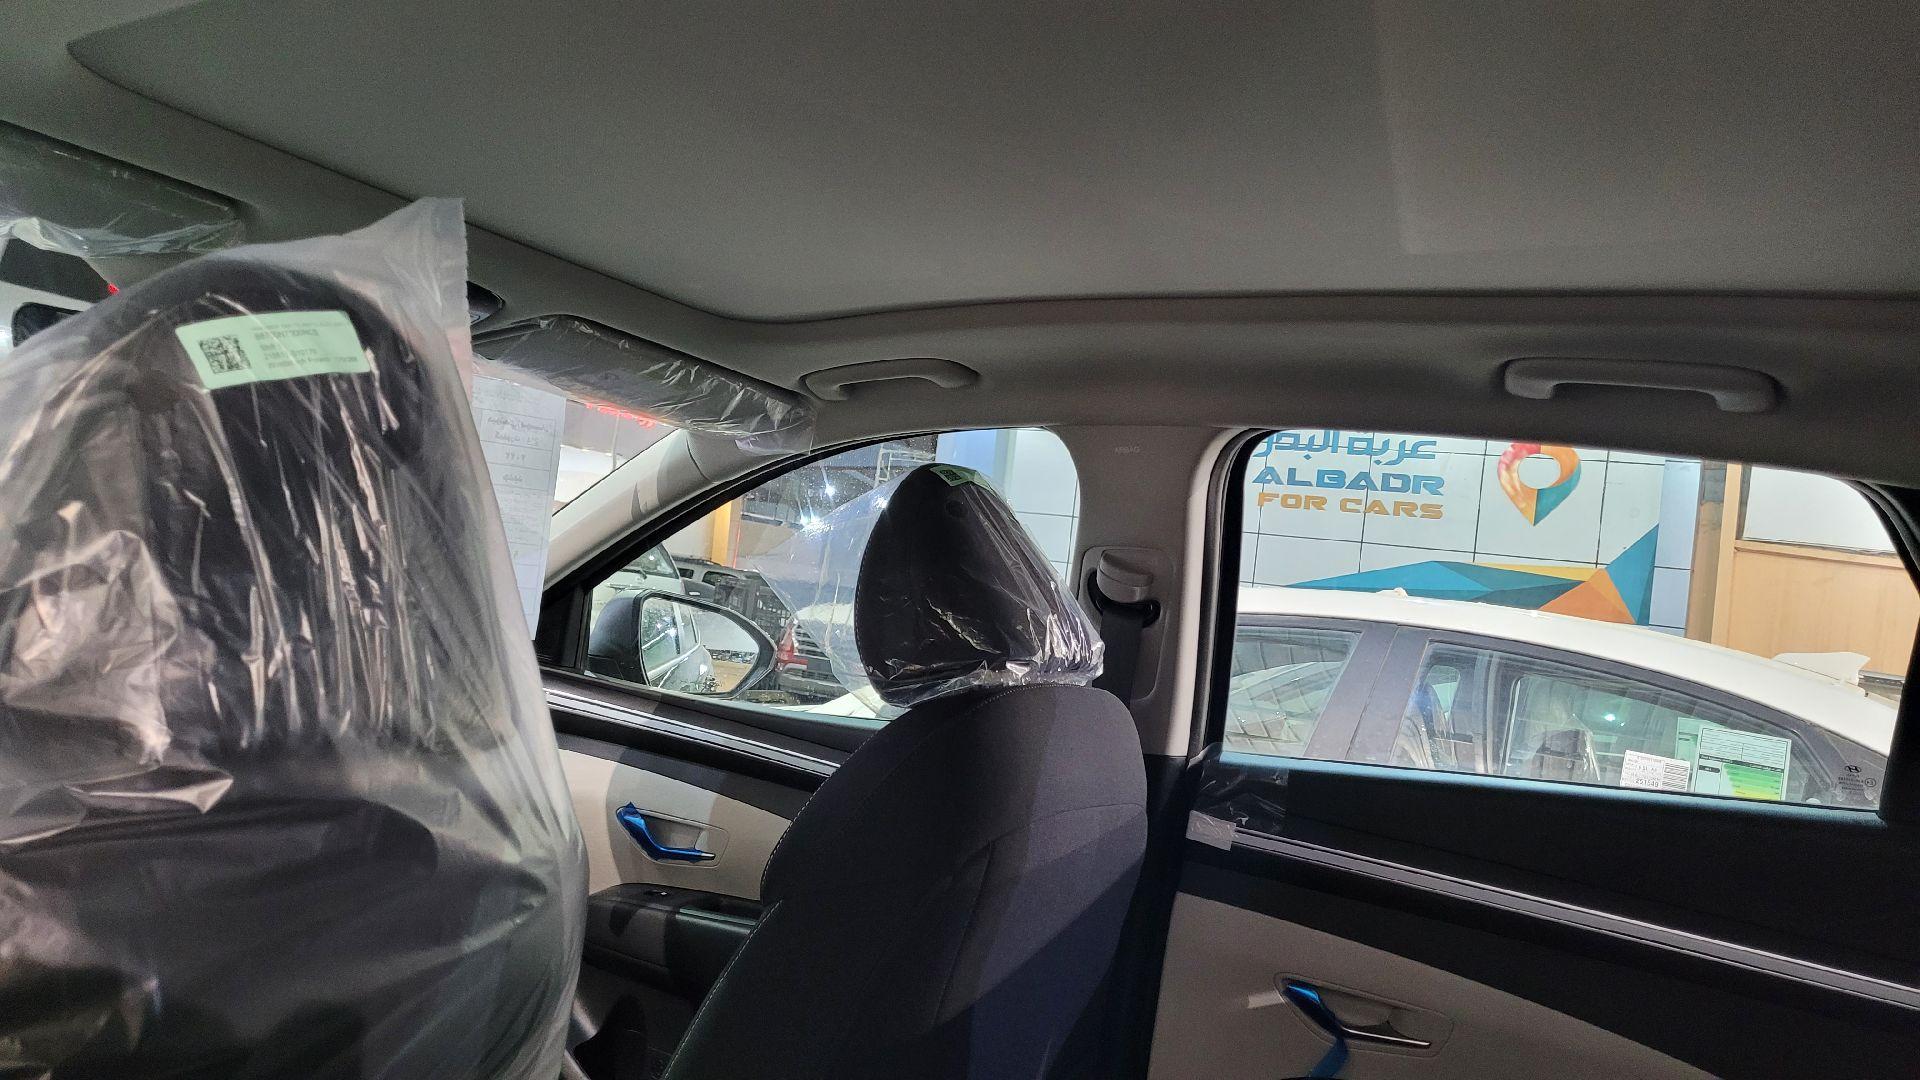 مباع - هونداي توسان Mid Comfort 2022 نص فل سعودي للبيع في الرياض - السعودية - صورة كبيرة - 14